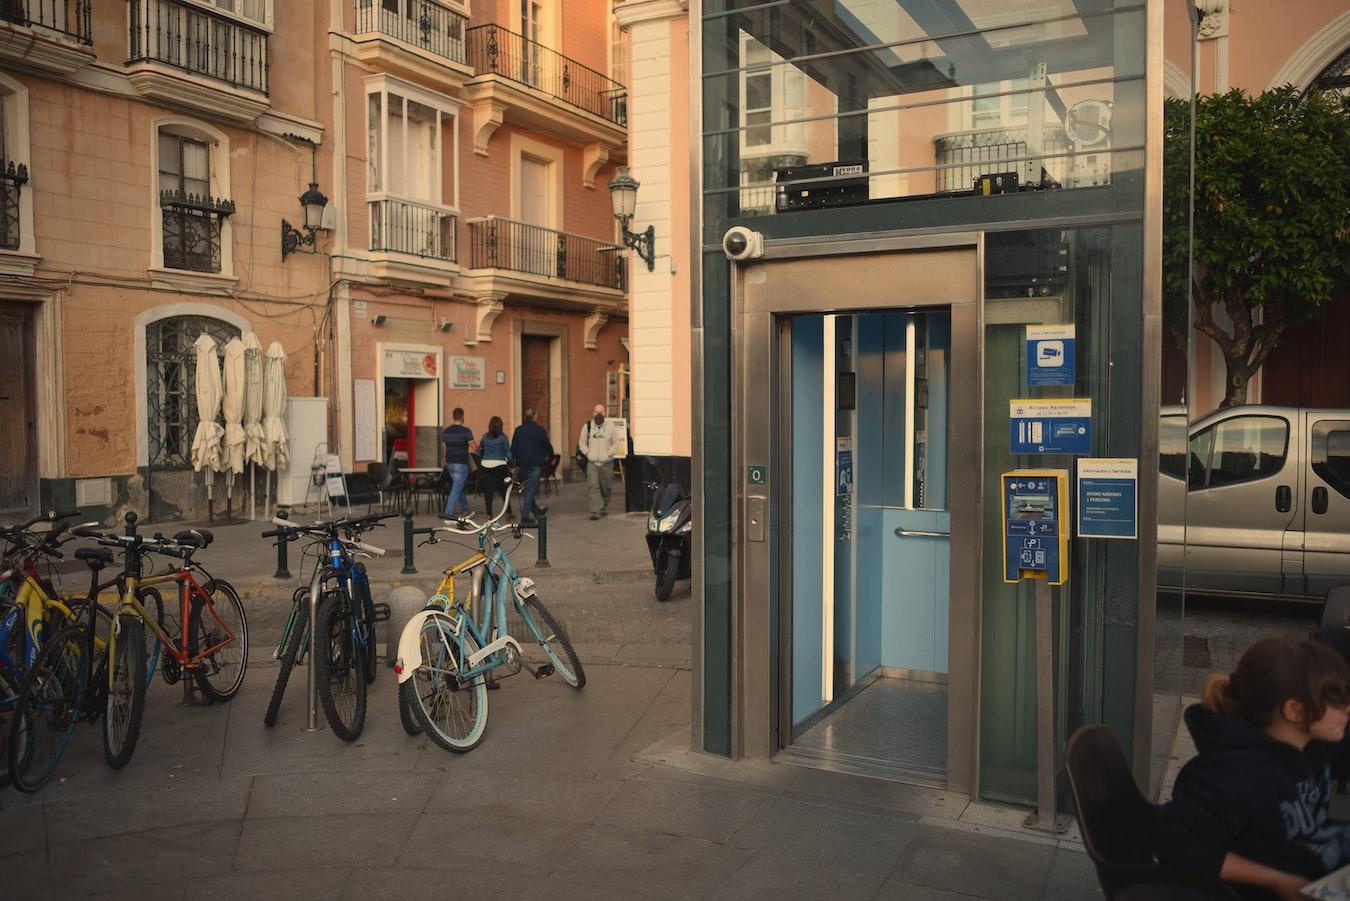 🌳Elevator Pich. Imagen captada como referencia de un ascensor en las calles de Cádiz para acceder a la zona de aparcamientos subterráneas con EcoCoopera.com